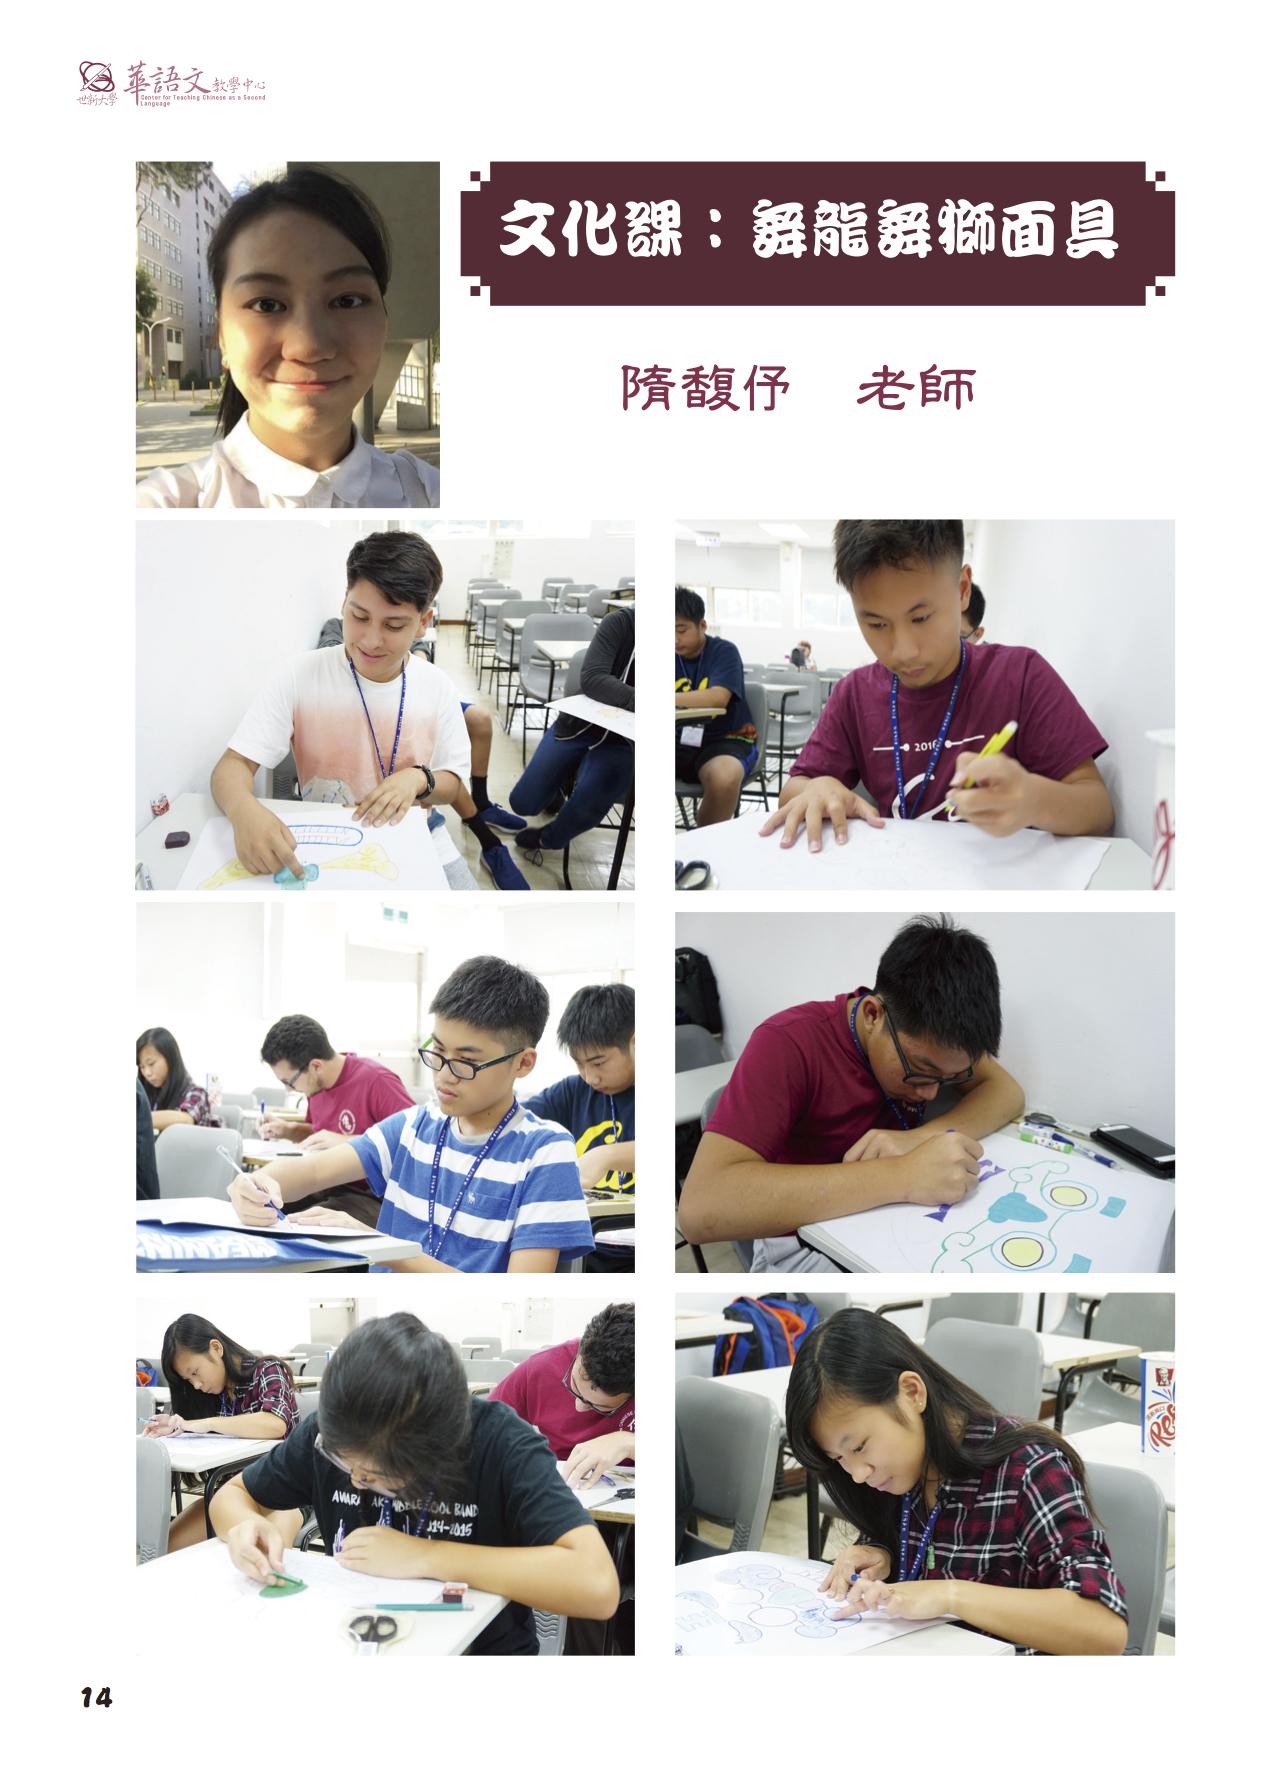 紀念冊內頁_文化課面具